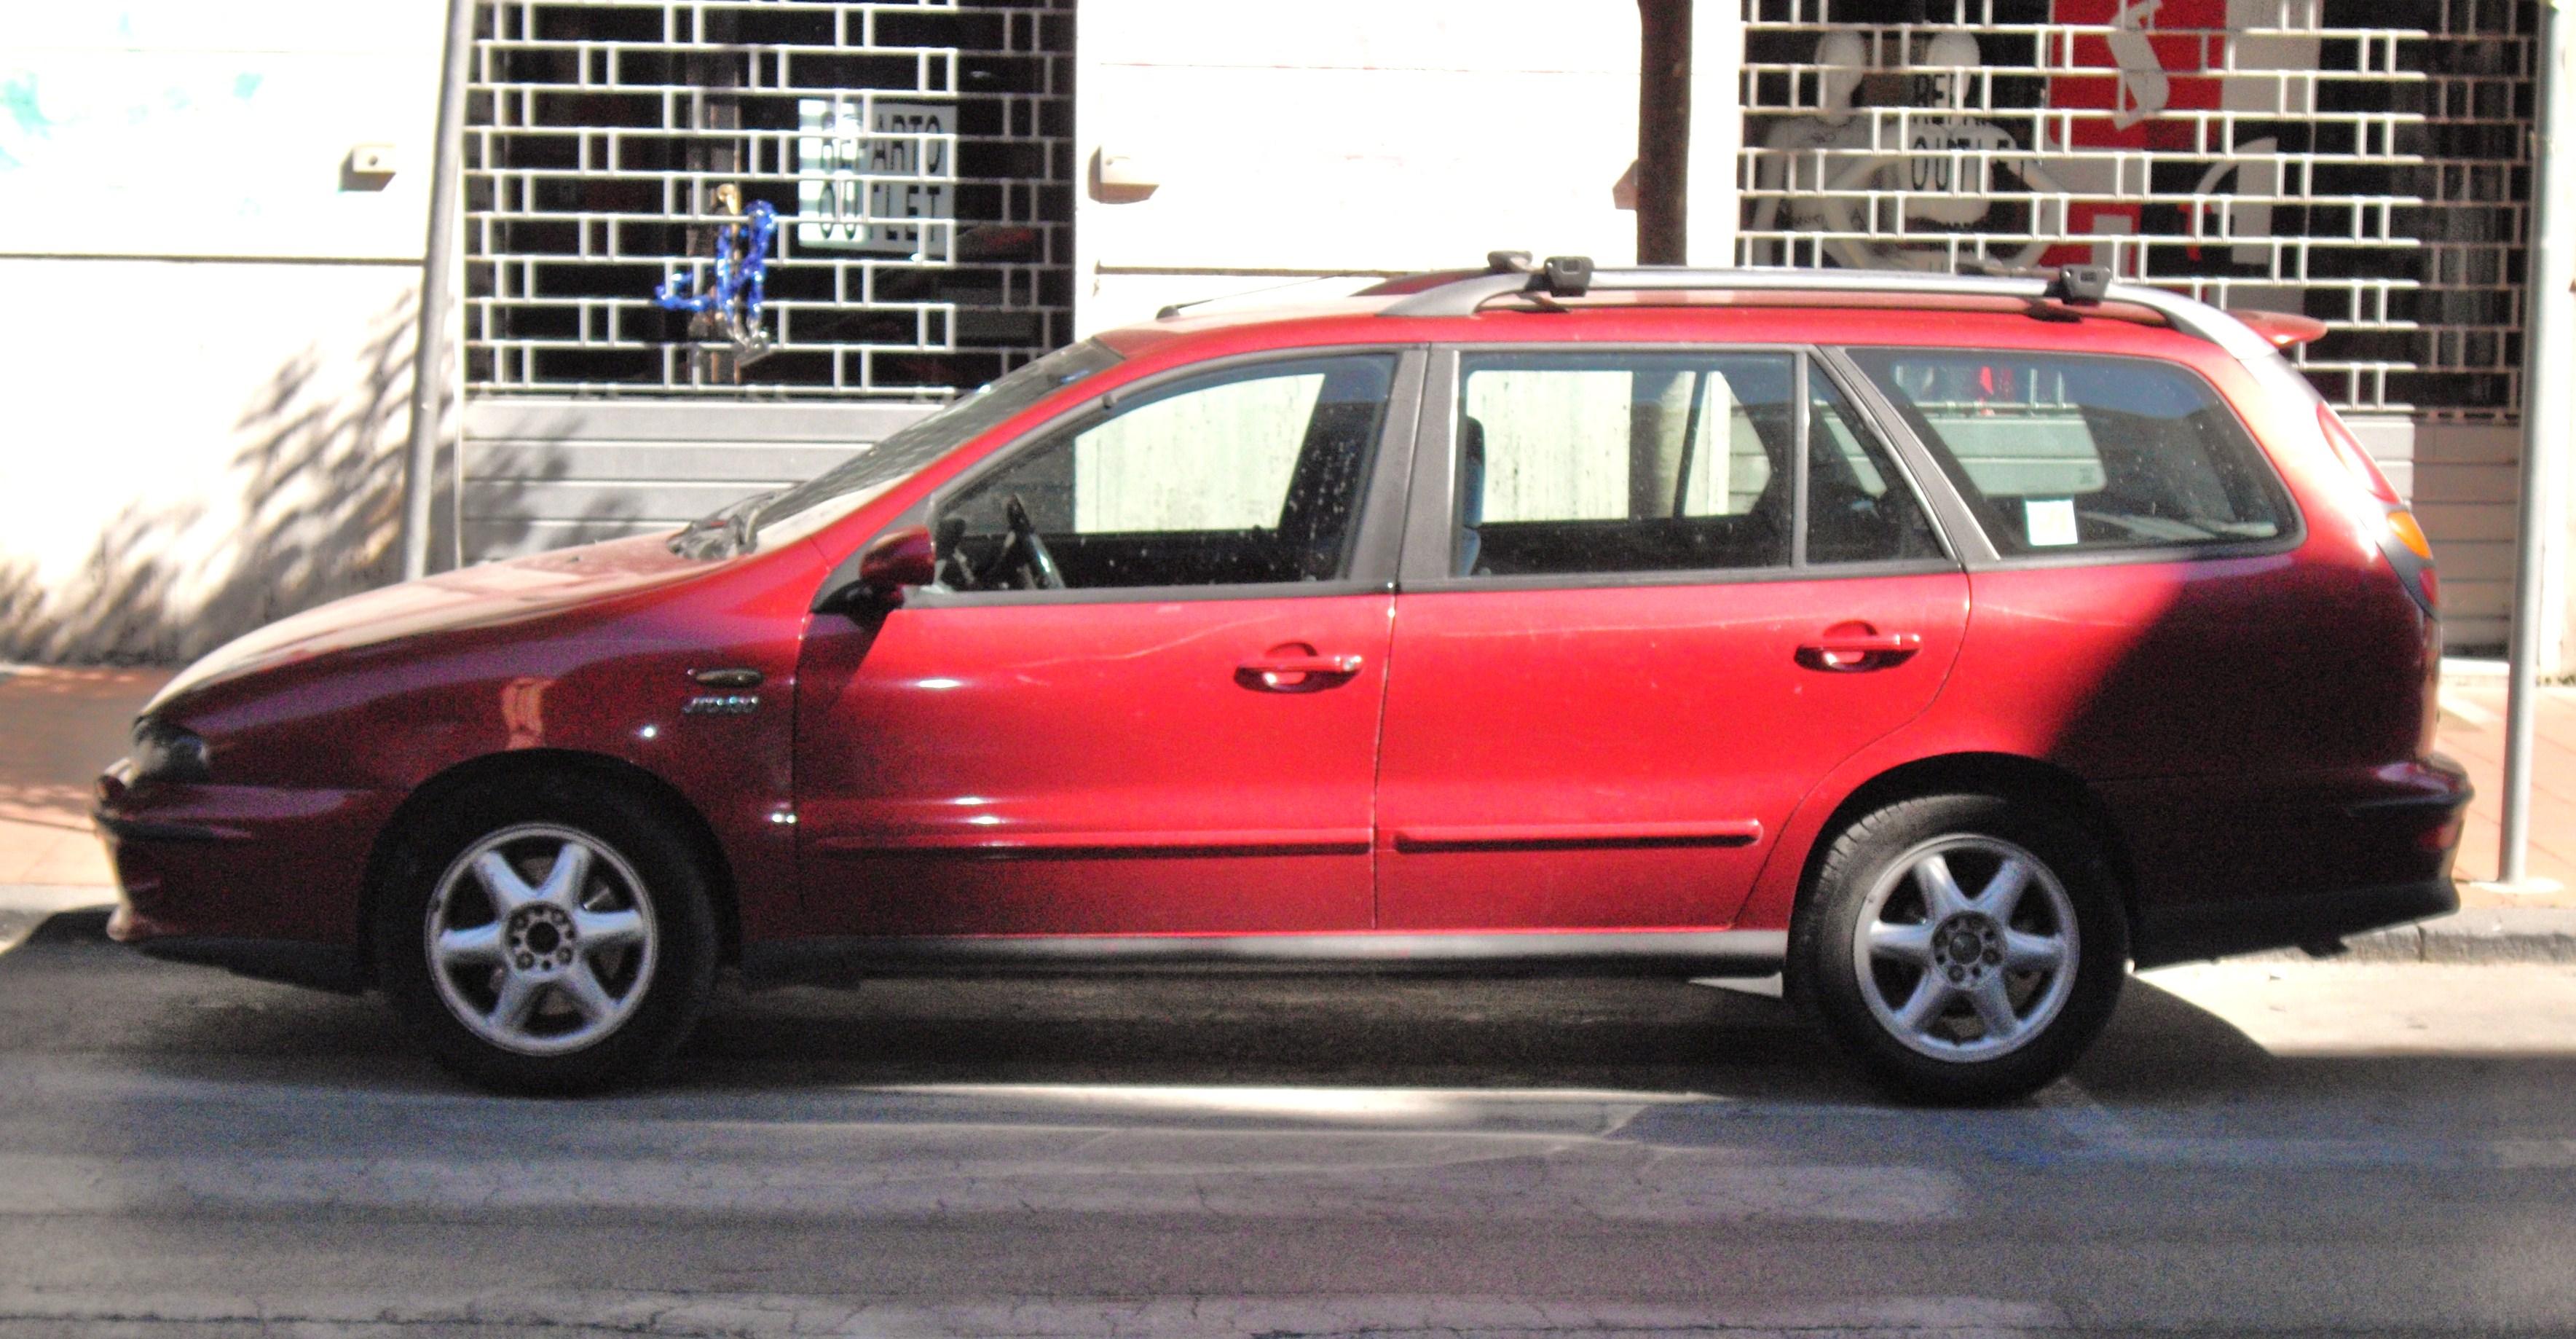 FIAT MAREA 100 red